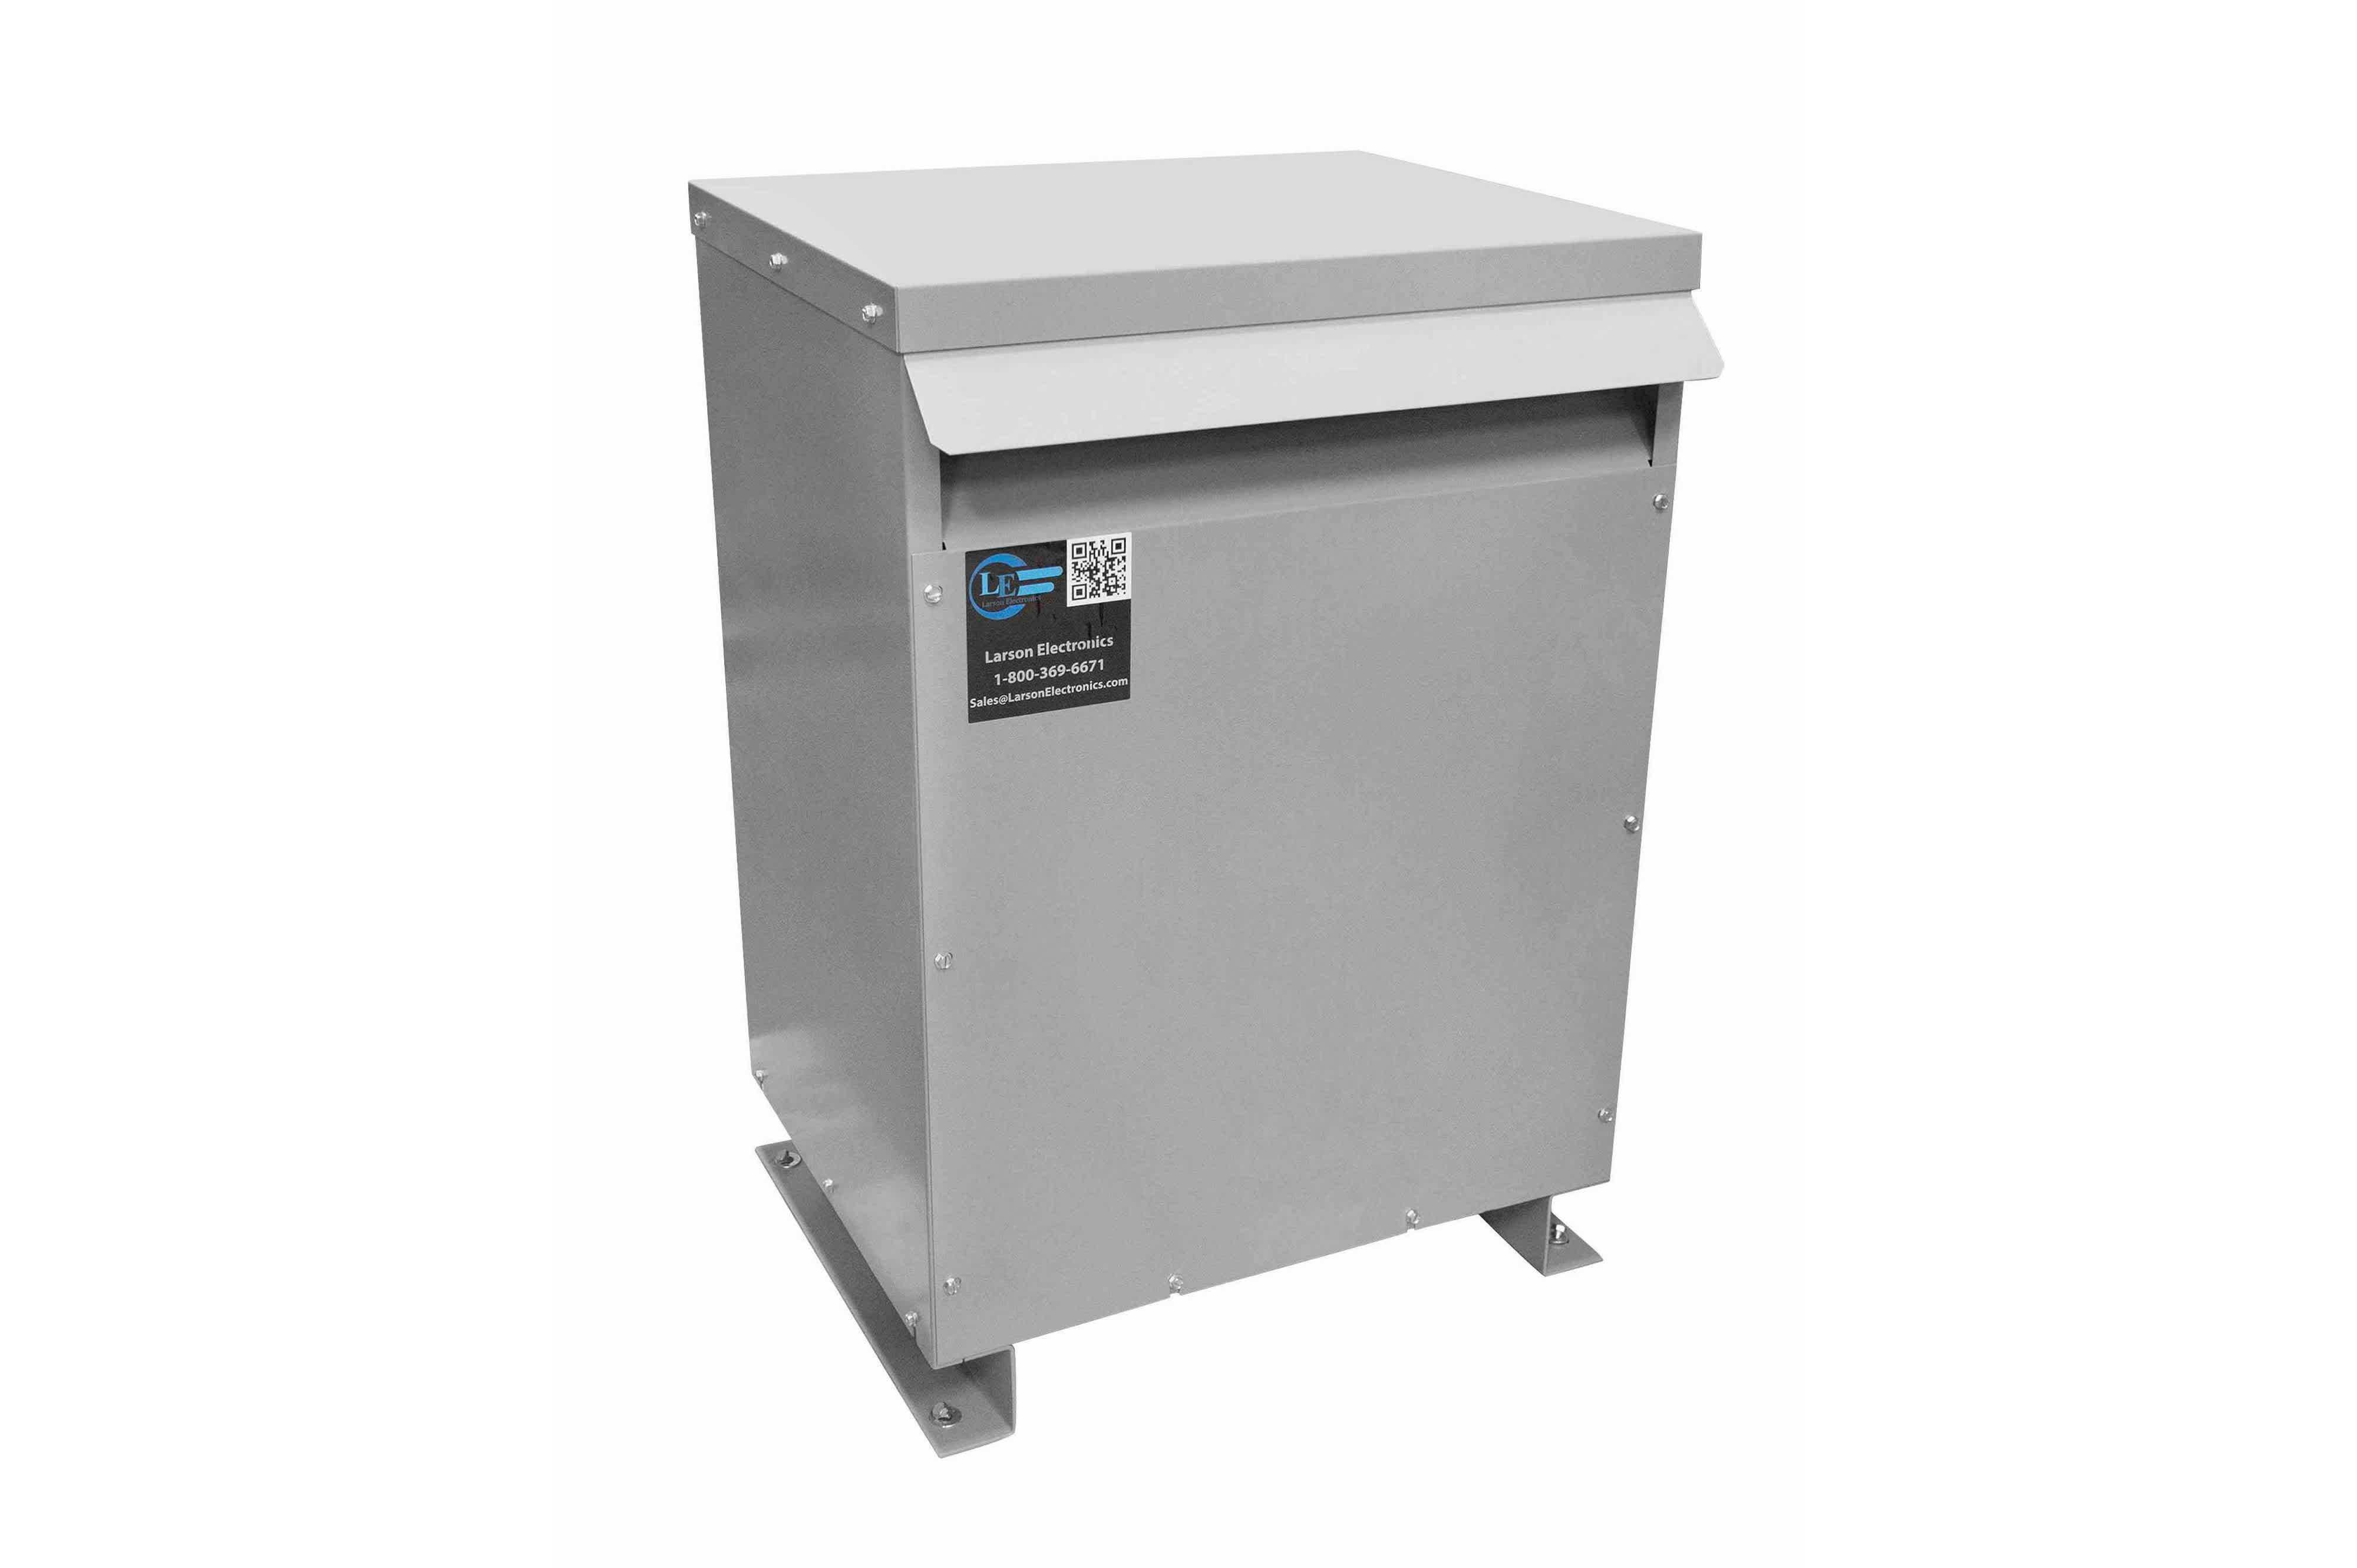 125 kVA 3PH Isolation Transformer, 575V Delta Primary, 208V Delta Secondary, N3R, Ventilated, 60 Hz